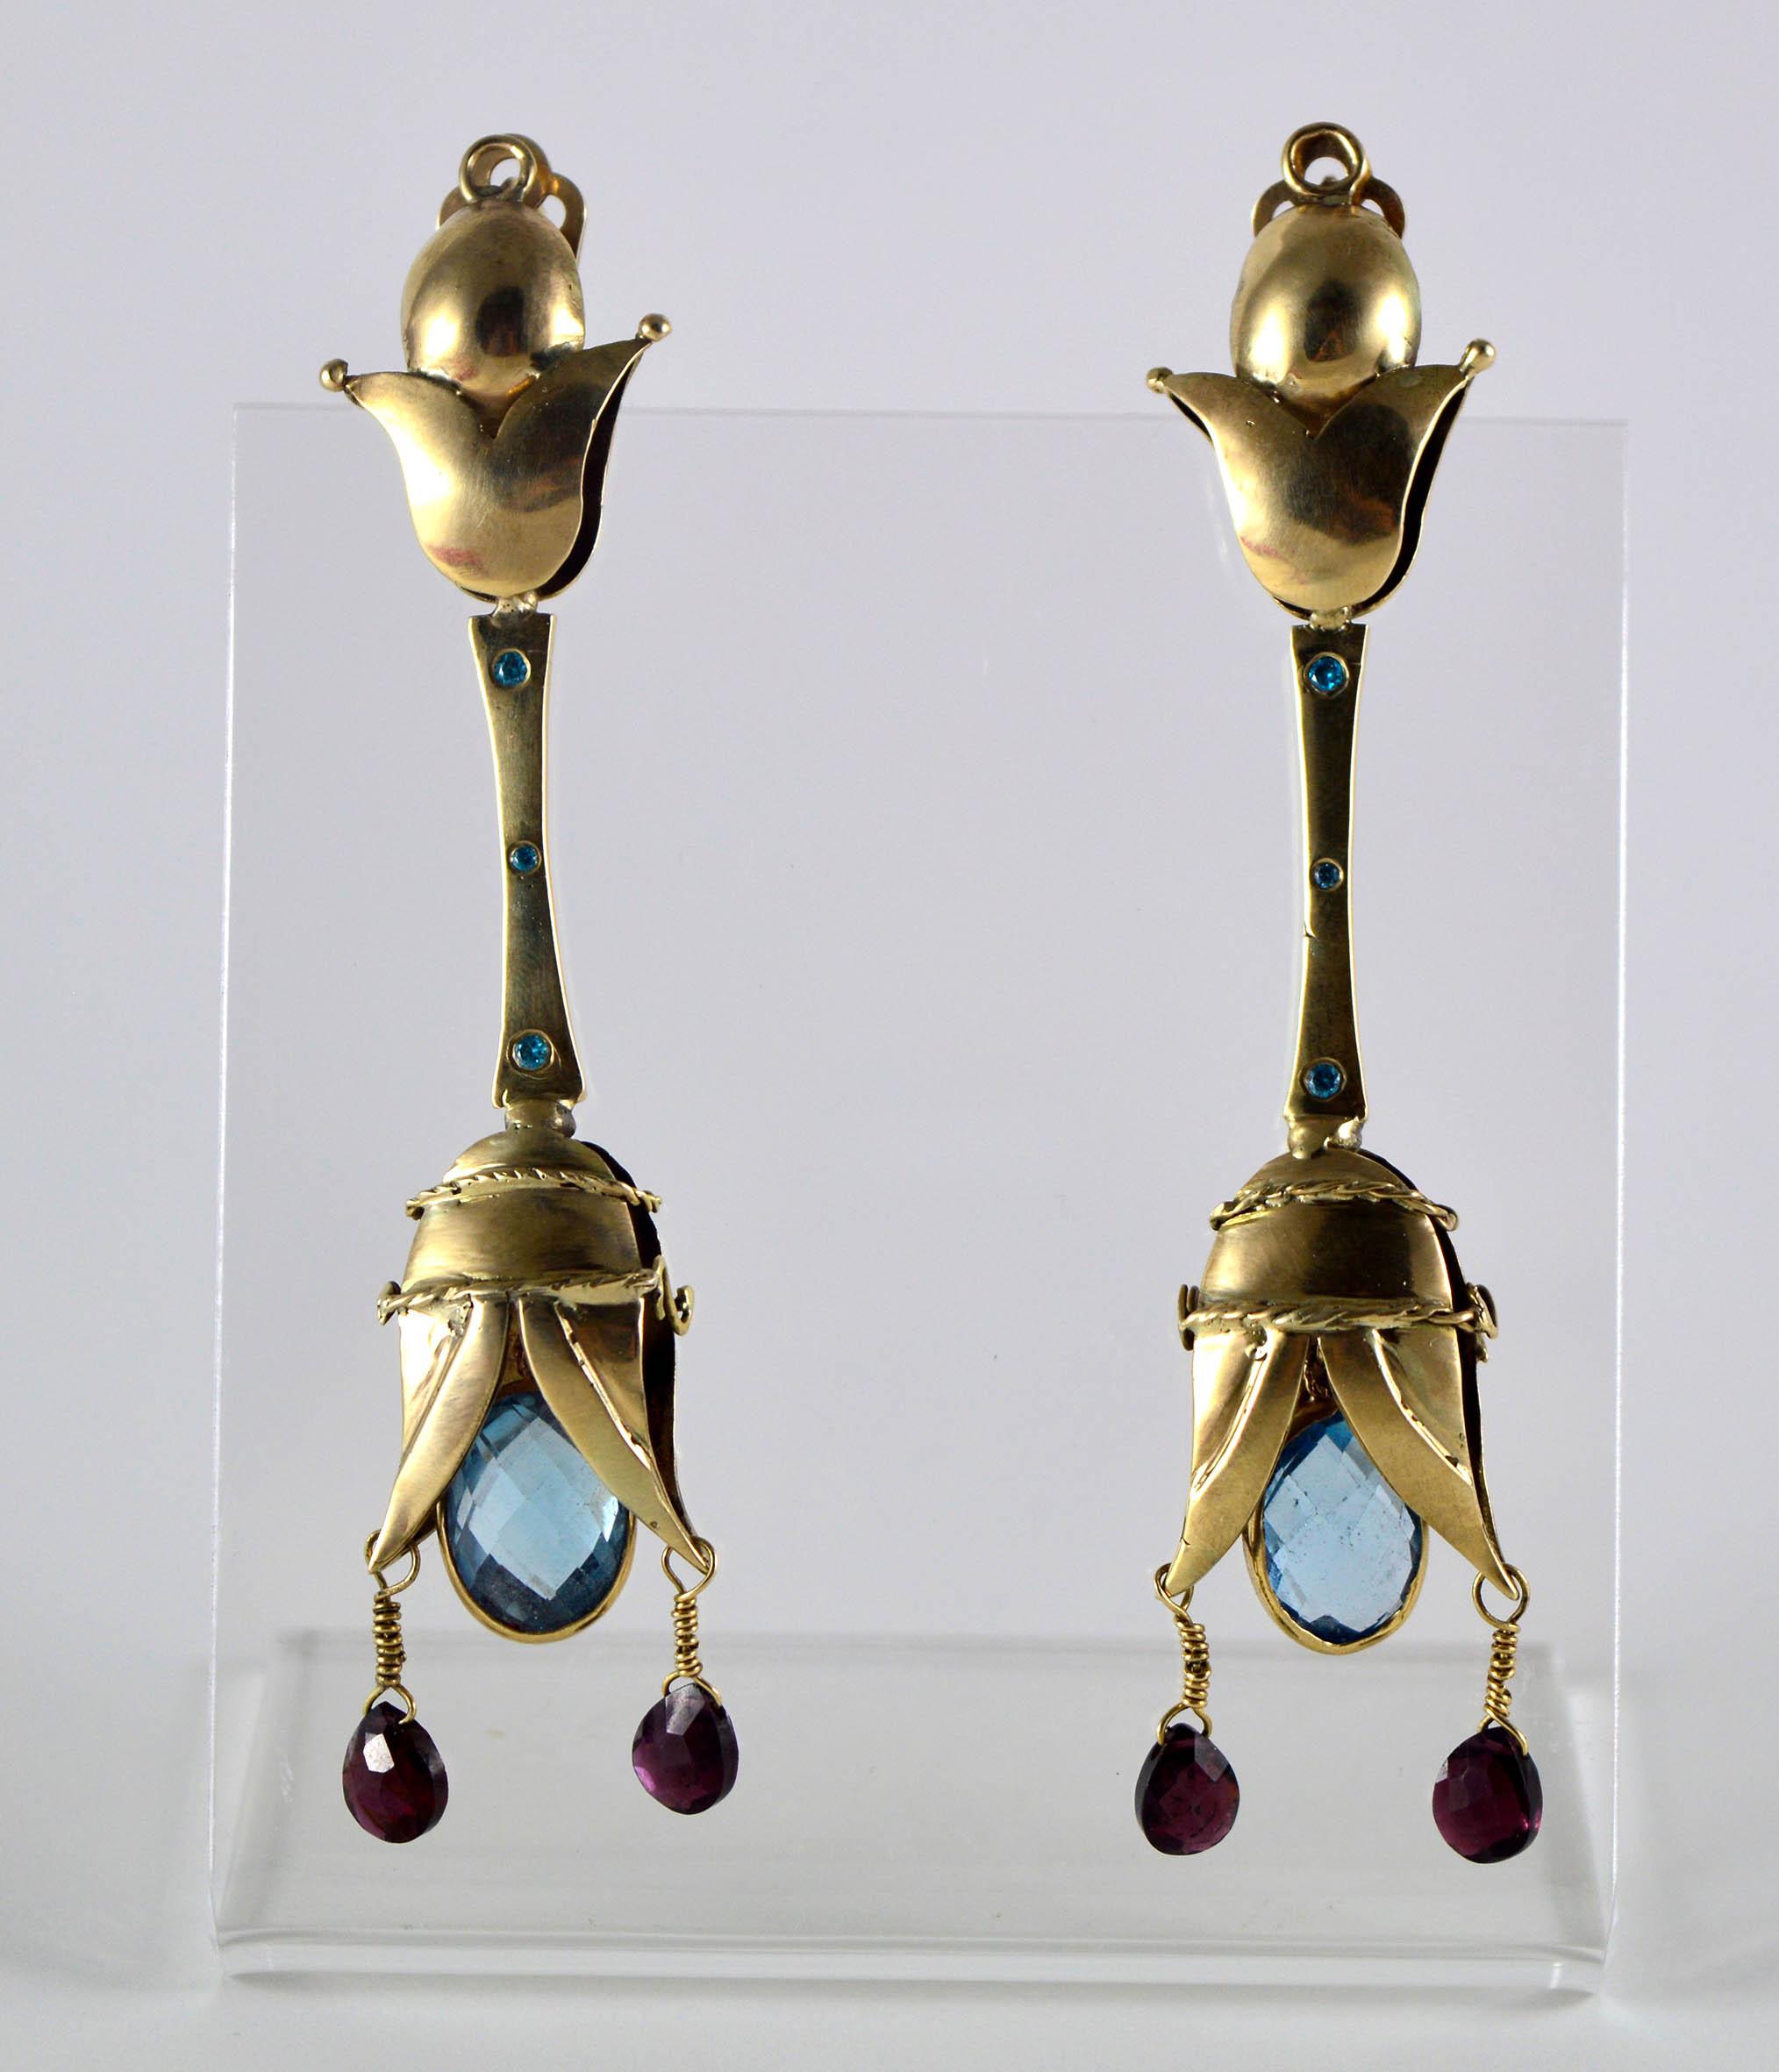 Ηρώ Ξενάκη, Σκουλαρίκια, υλικό: χρυσό 14κ, πέτρες: τοπάζι, ζιργκόν, γρανάτης